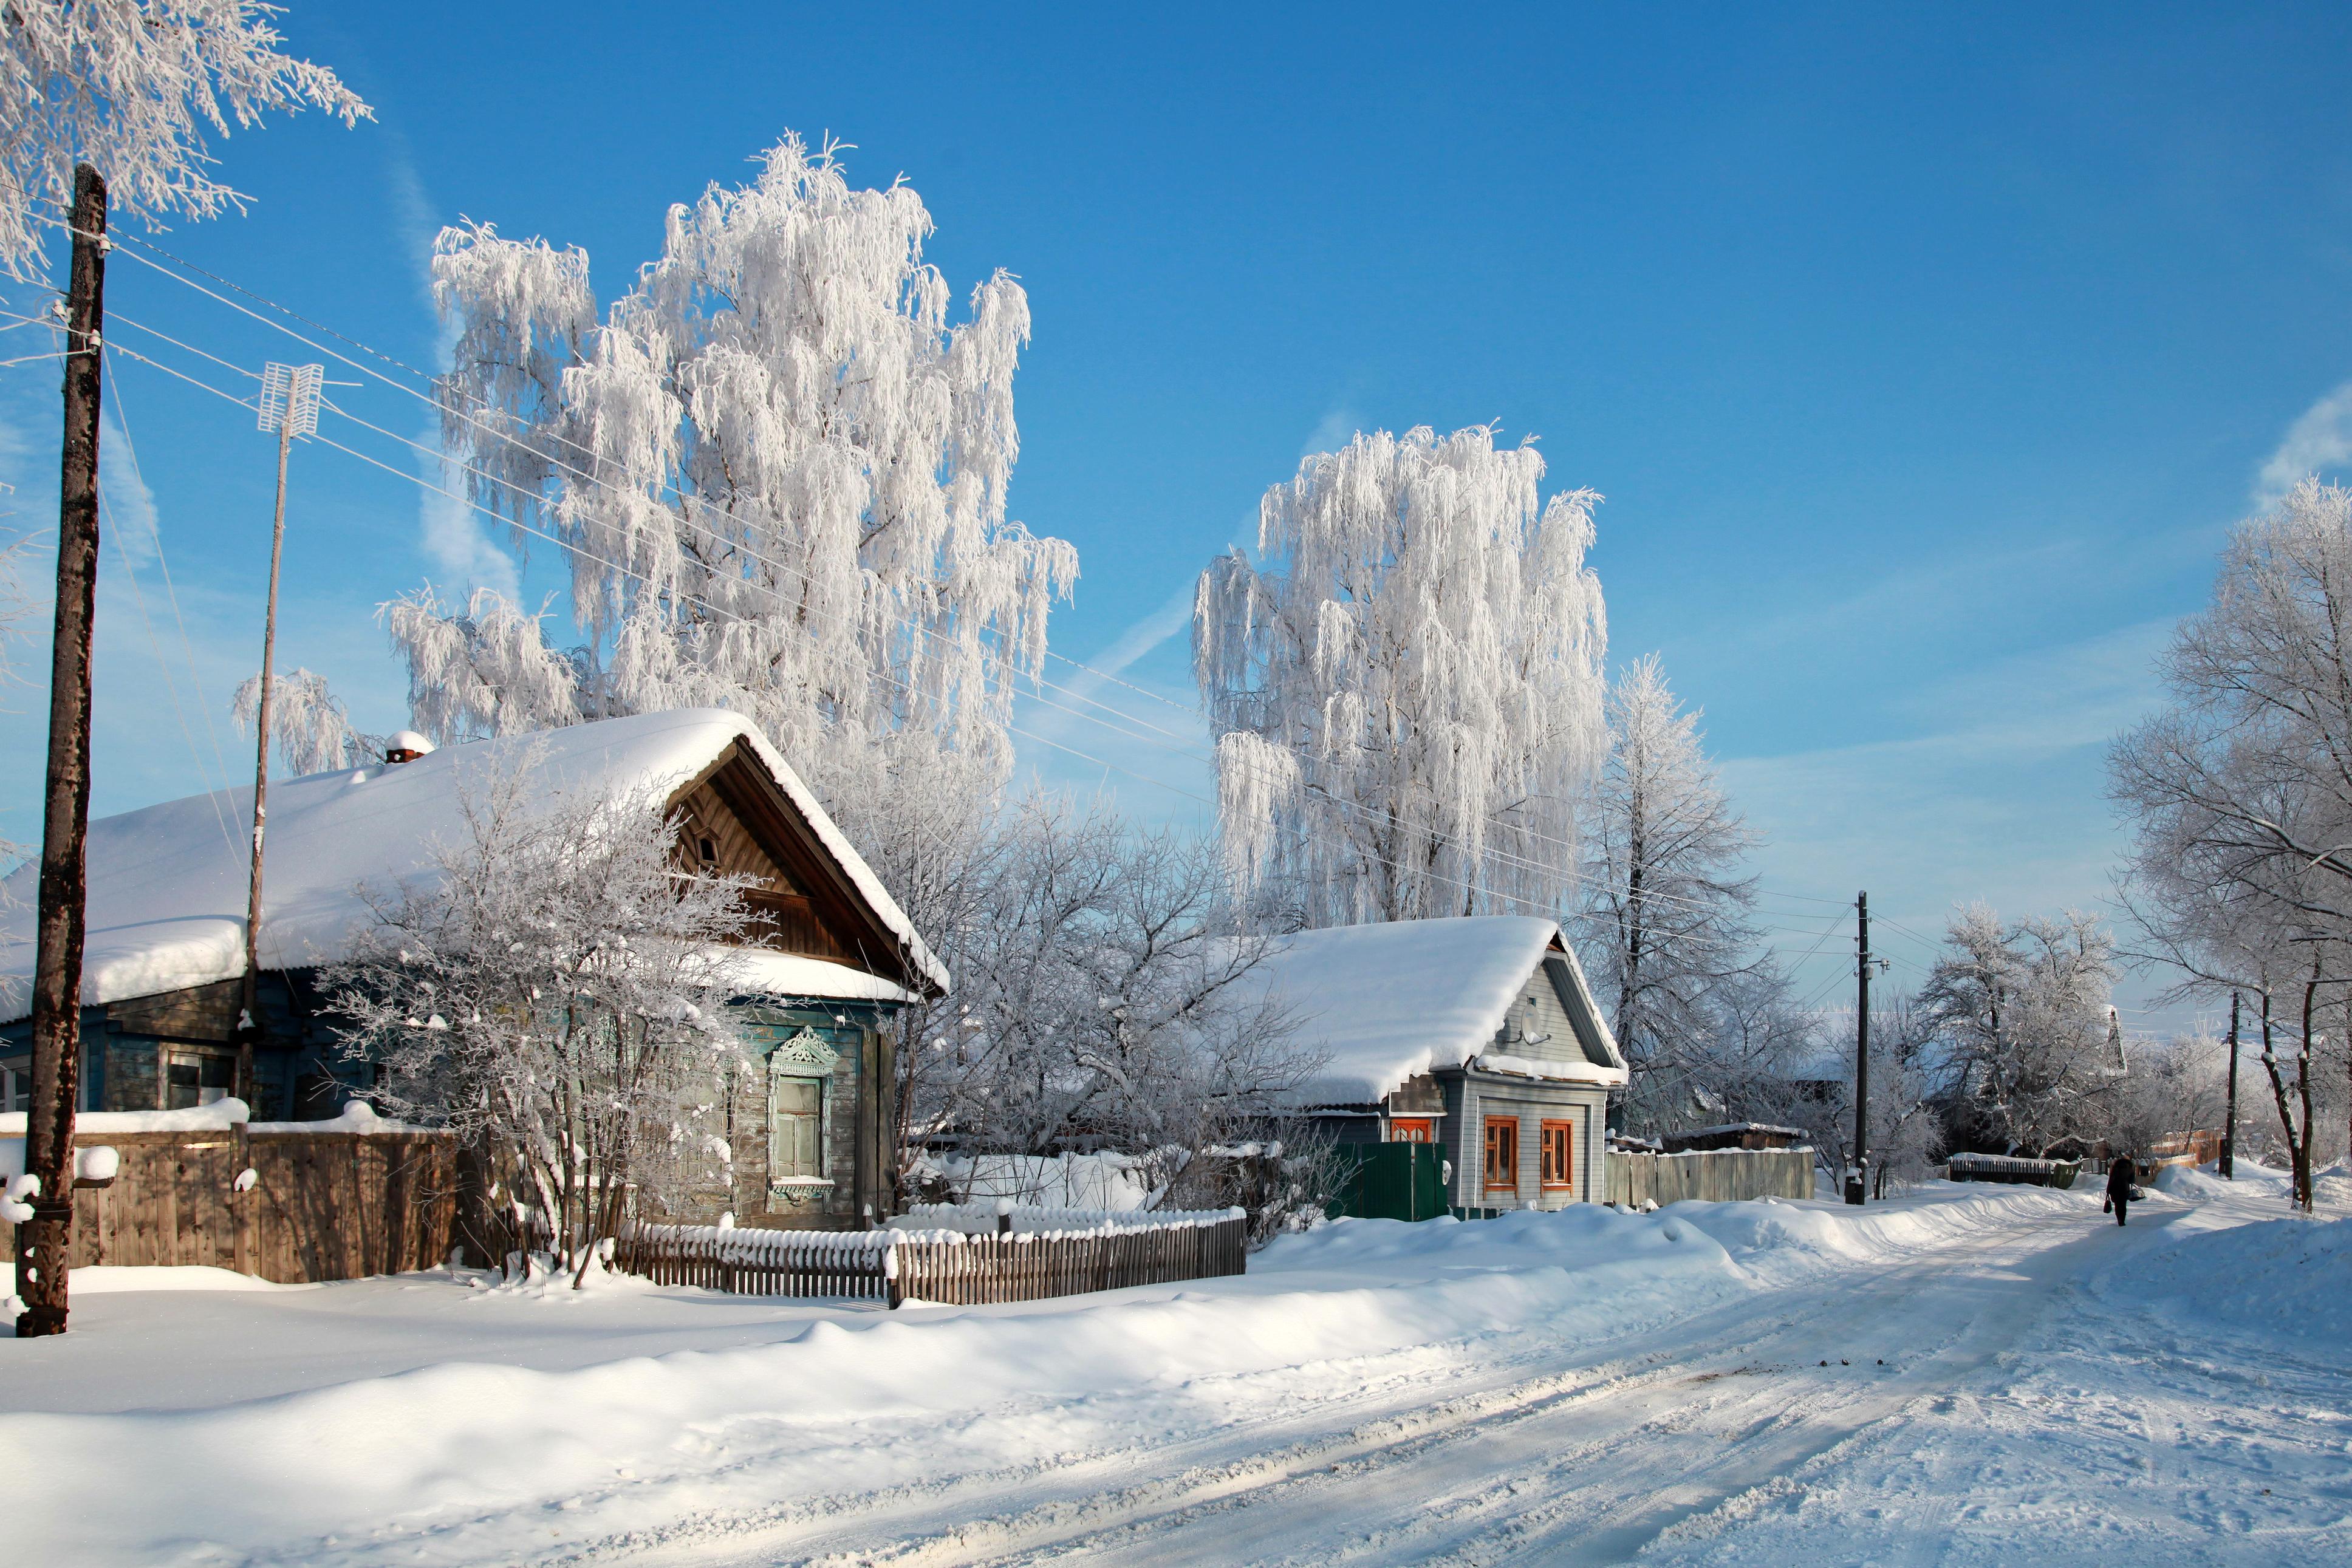 зимний домик в деревне фото